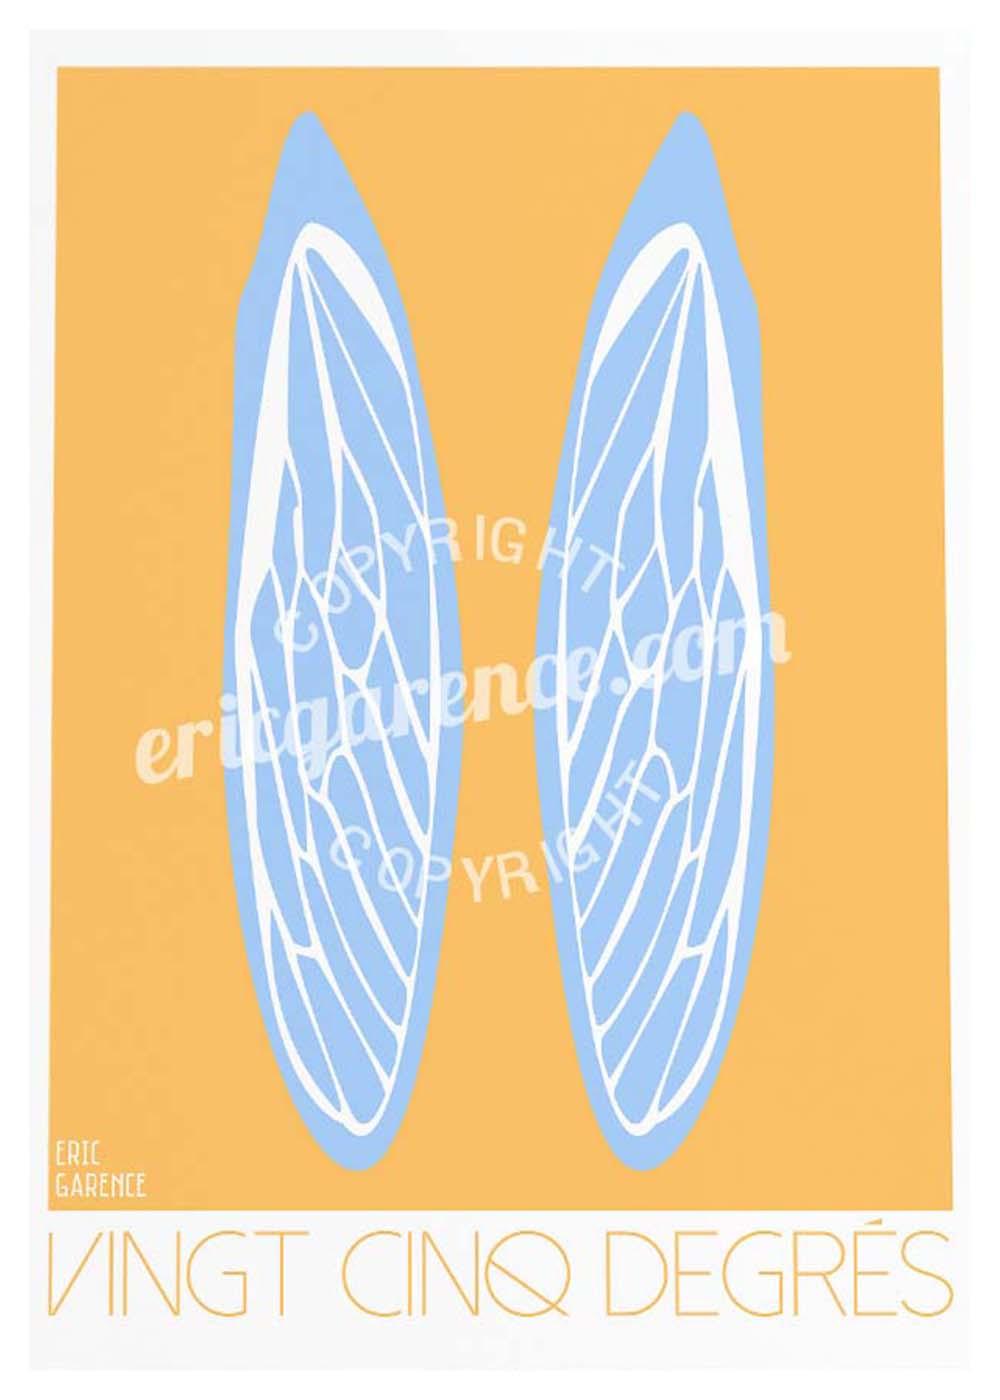 Sud France Cigale Provence Tourtour Soleil Affiche Poster ARt Garence Eric Cadeau